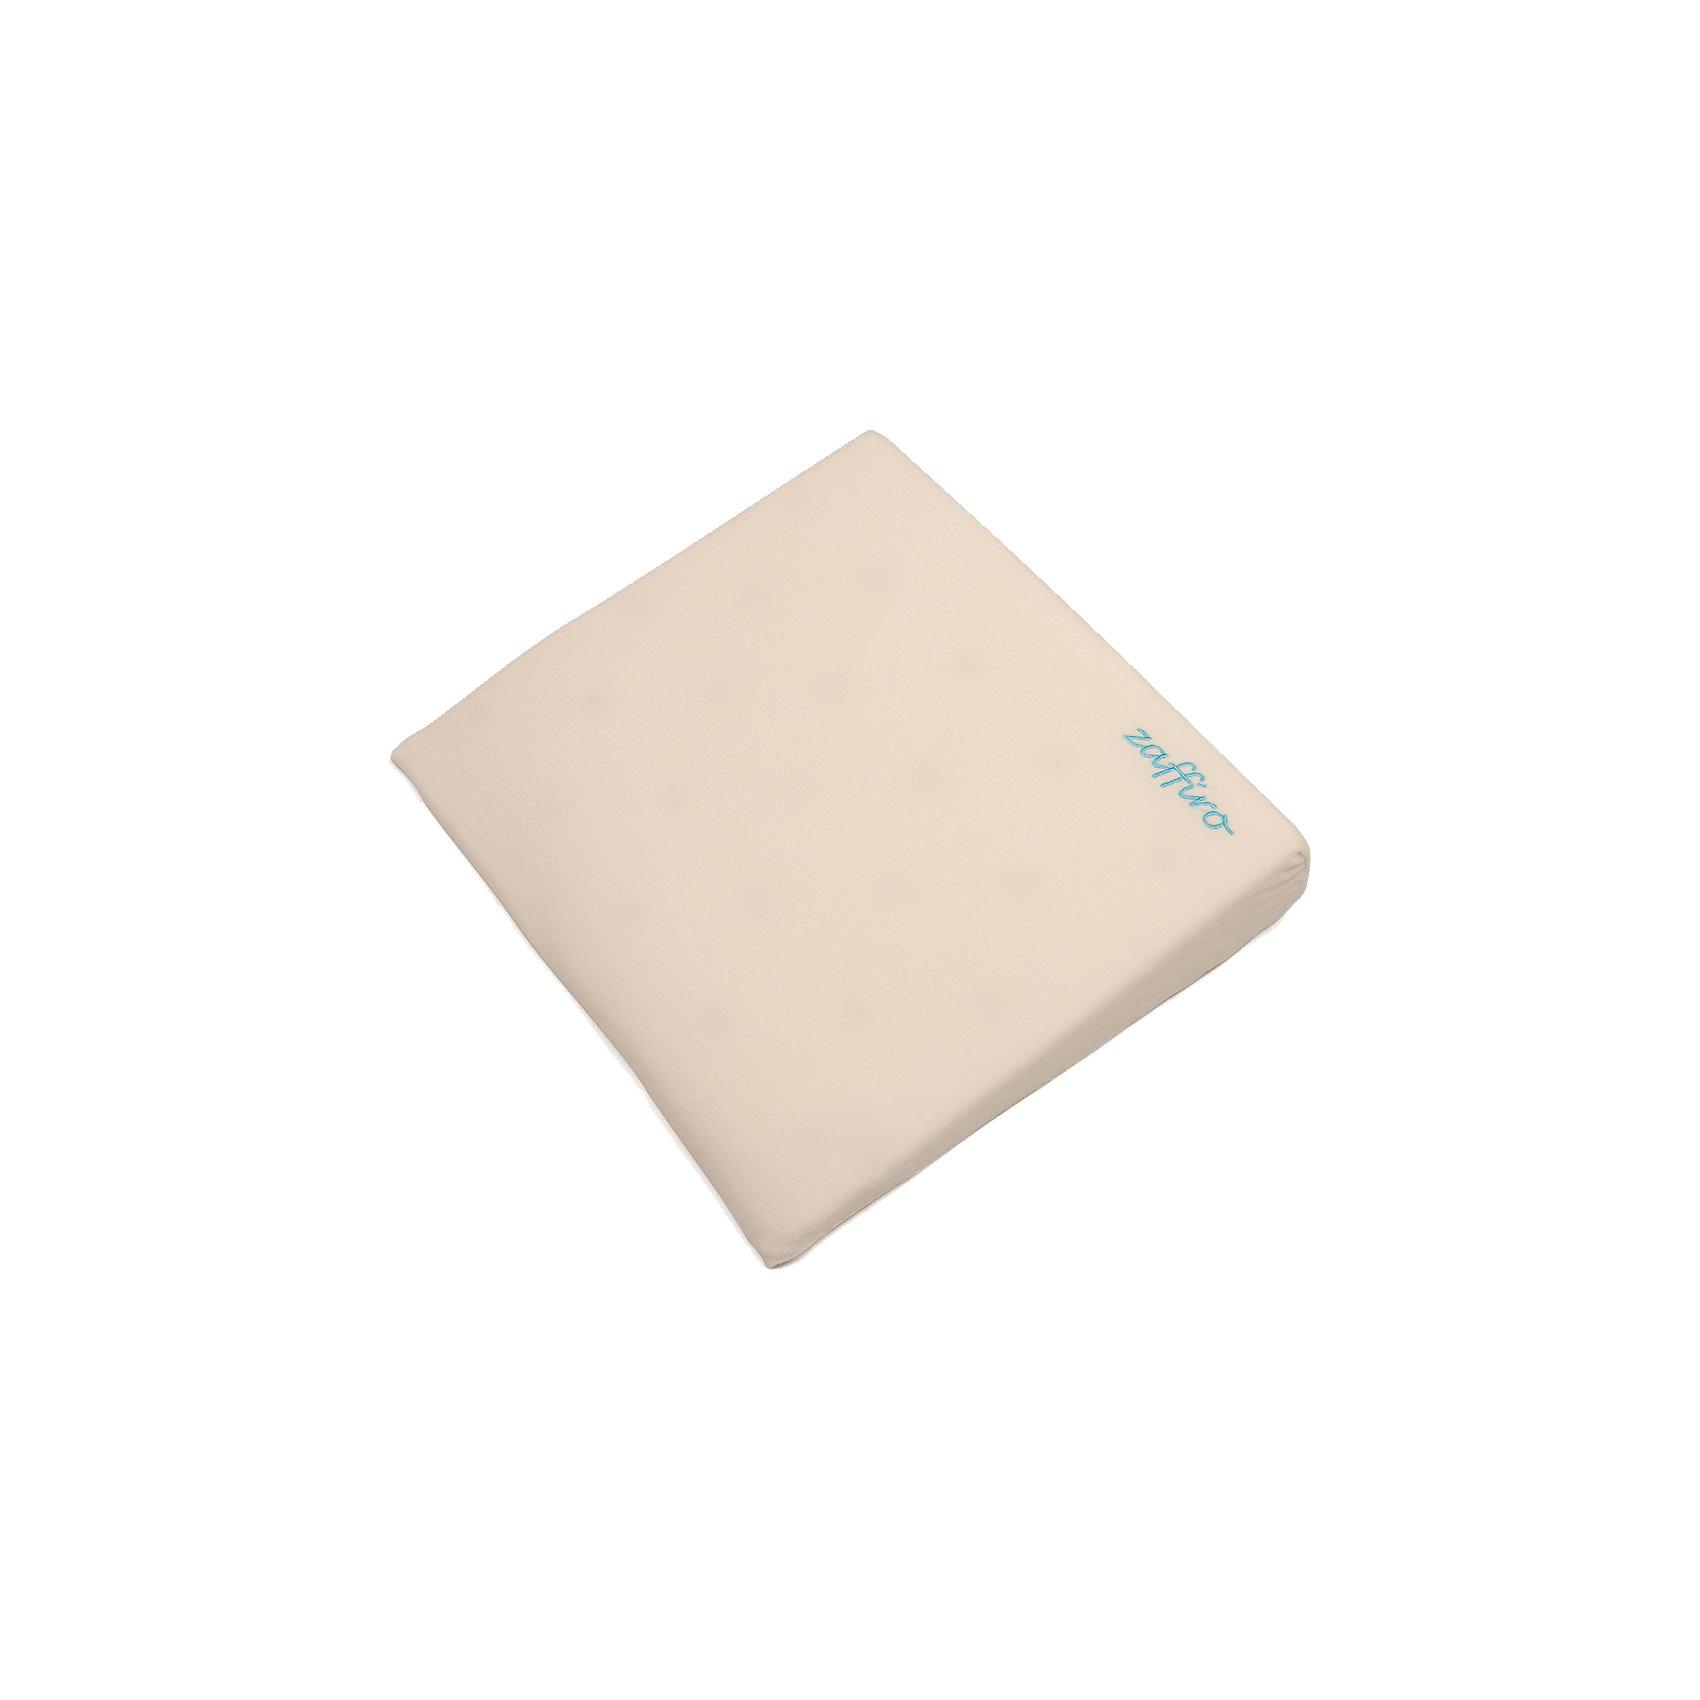 Подушка-клин Exclusive, 40х37х7 см, Womar